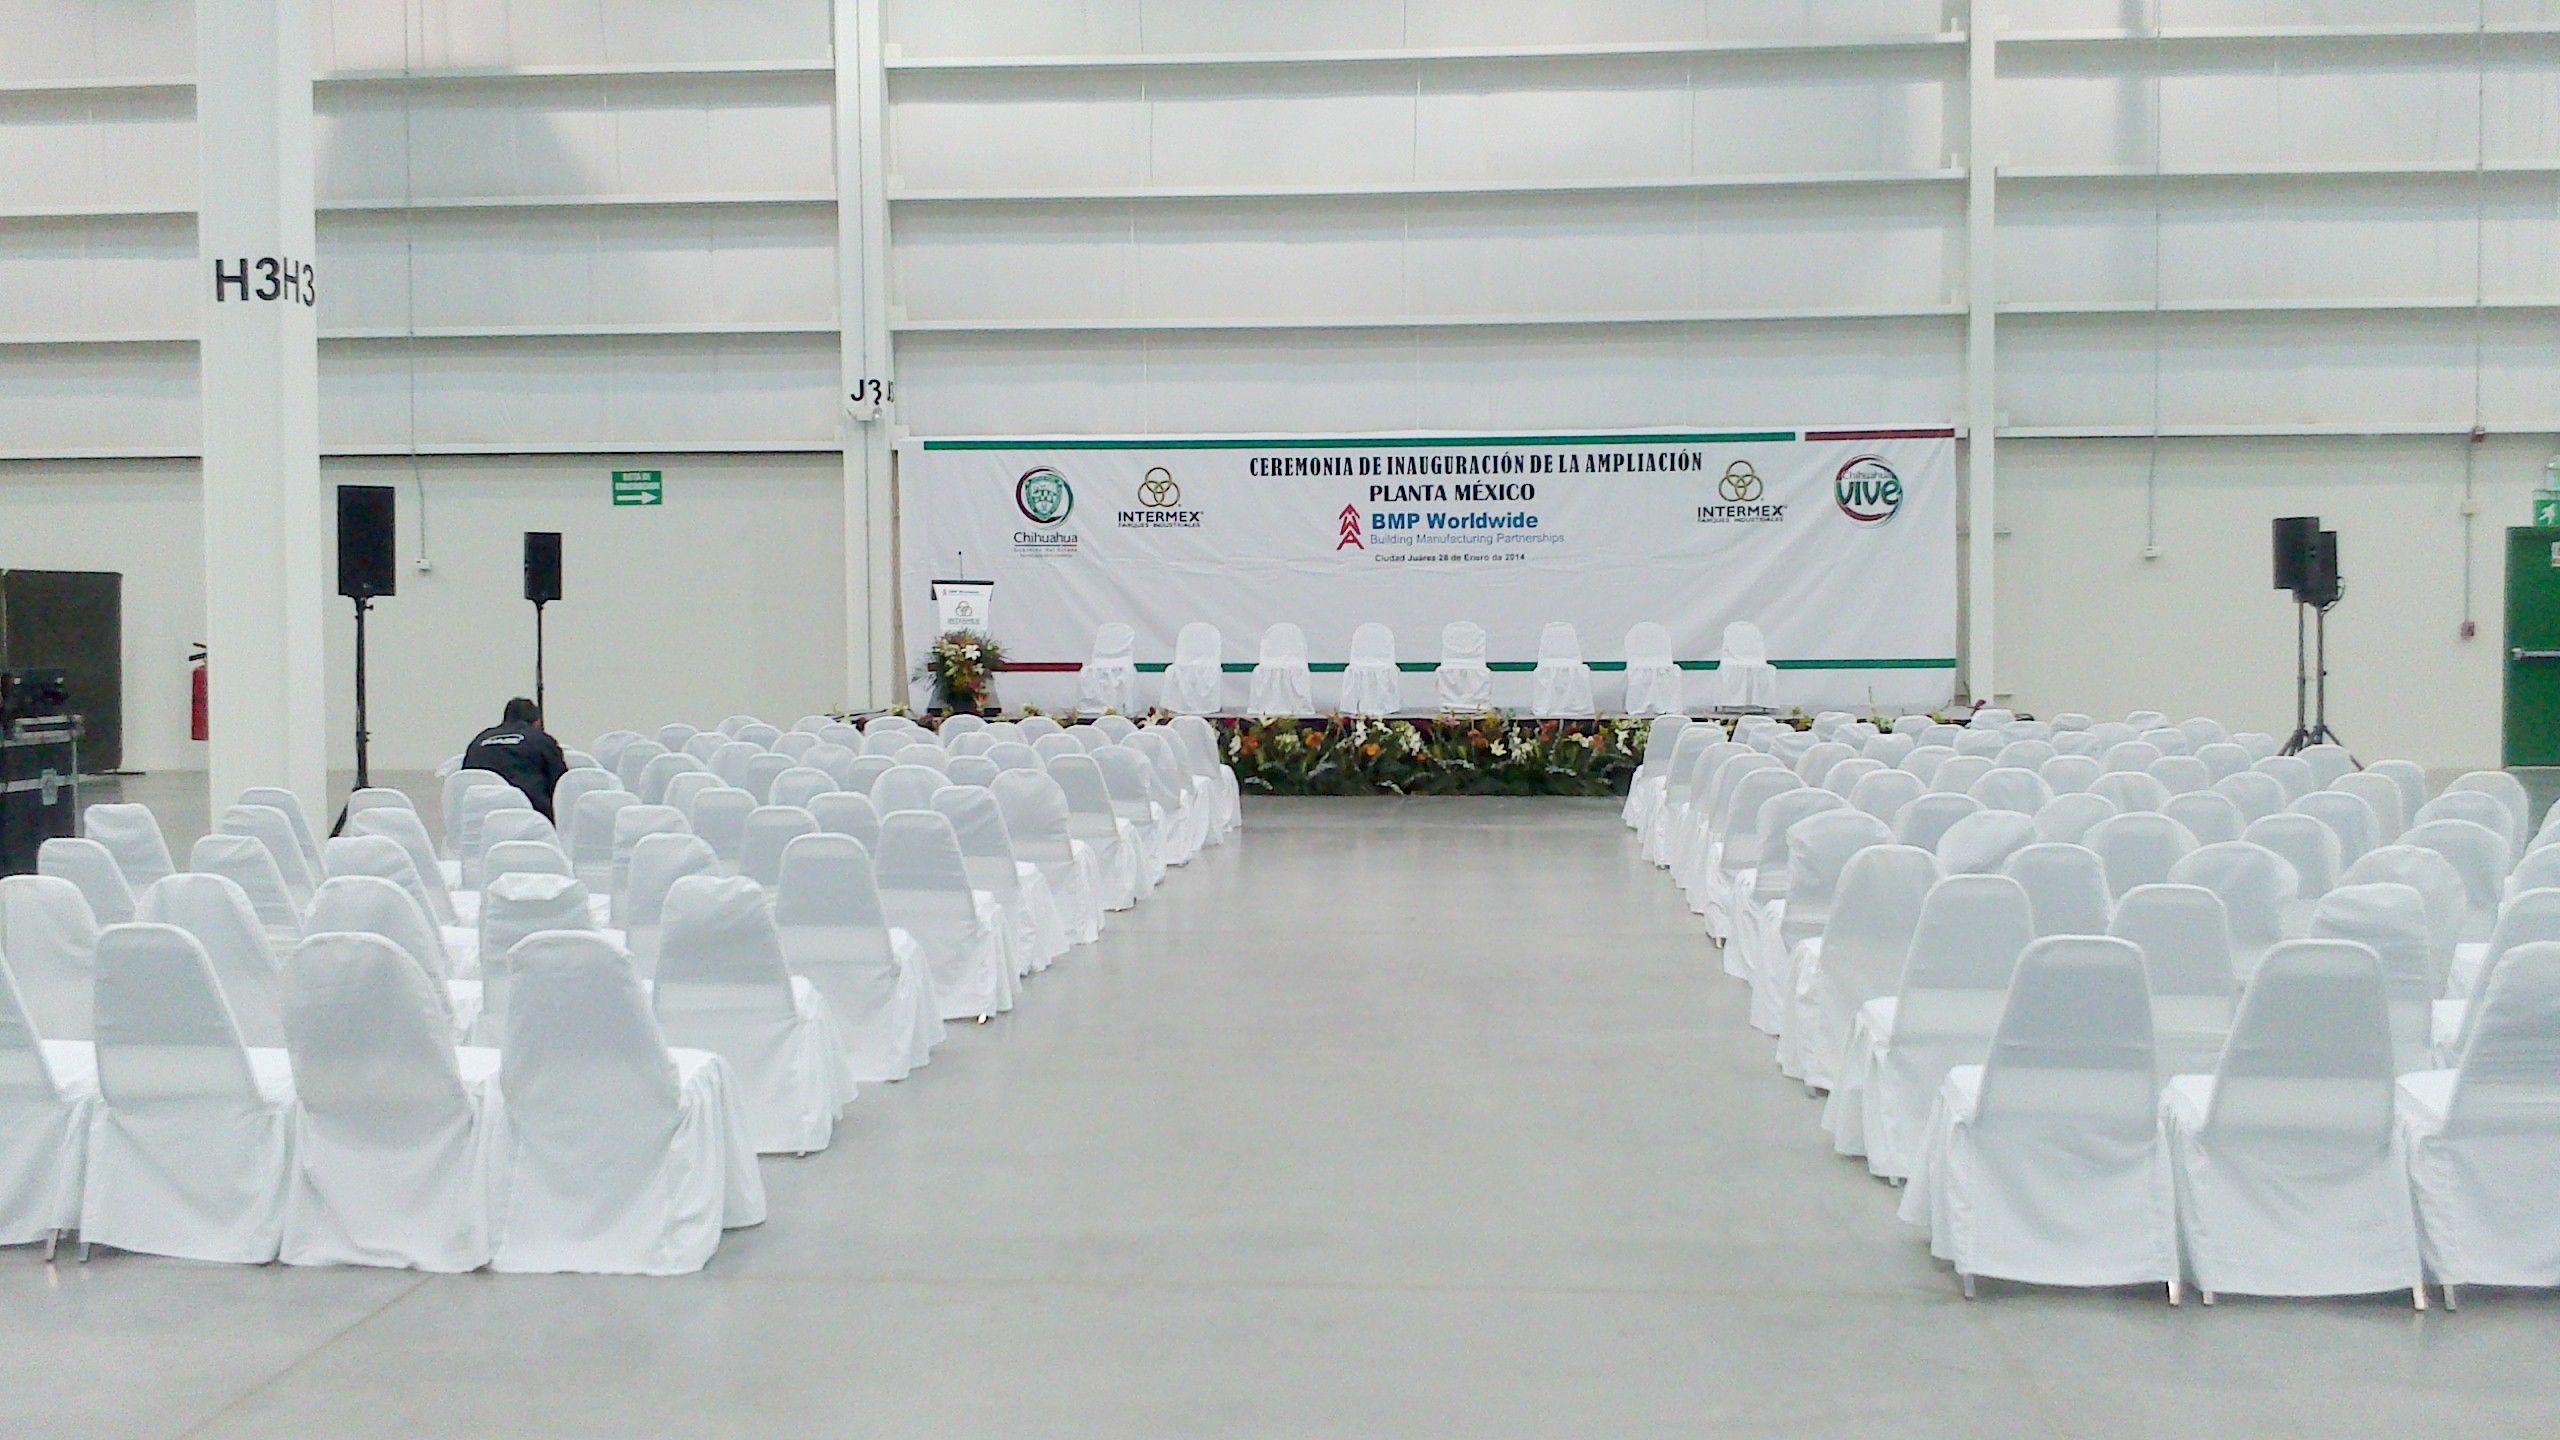 Inauguracion Planta Bmp Cd Juarez Chihuahua Eventos